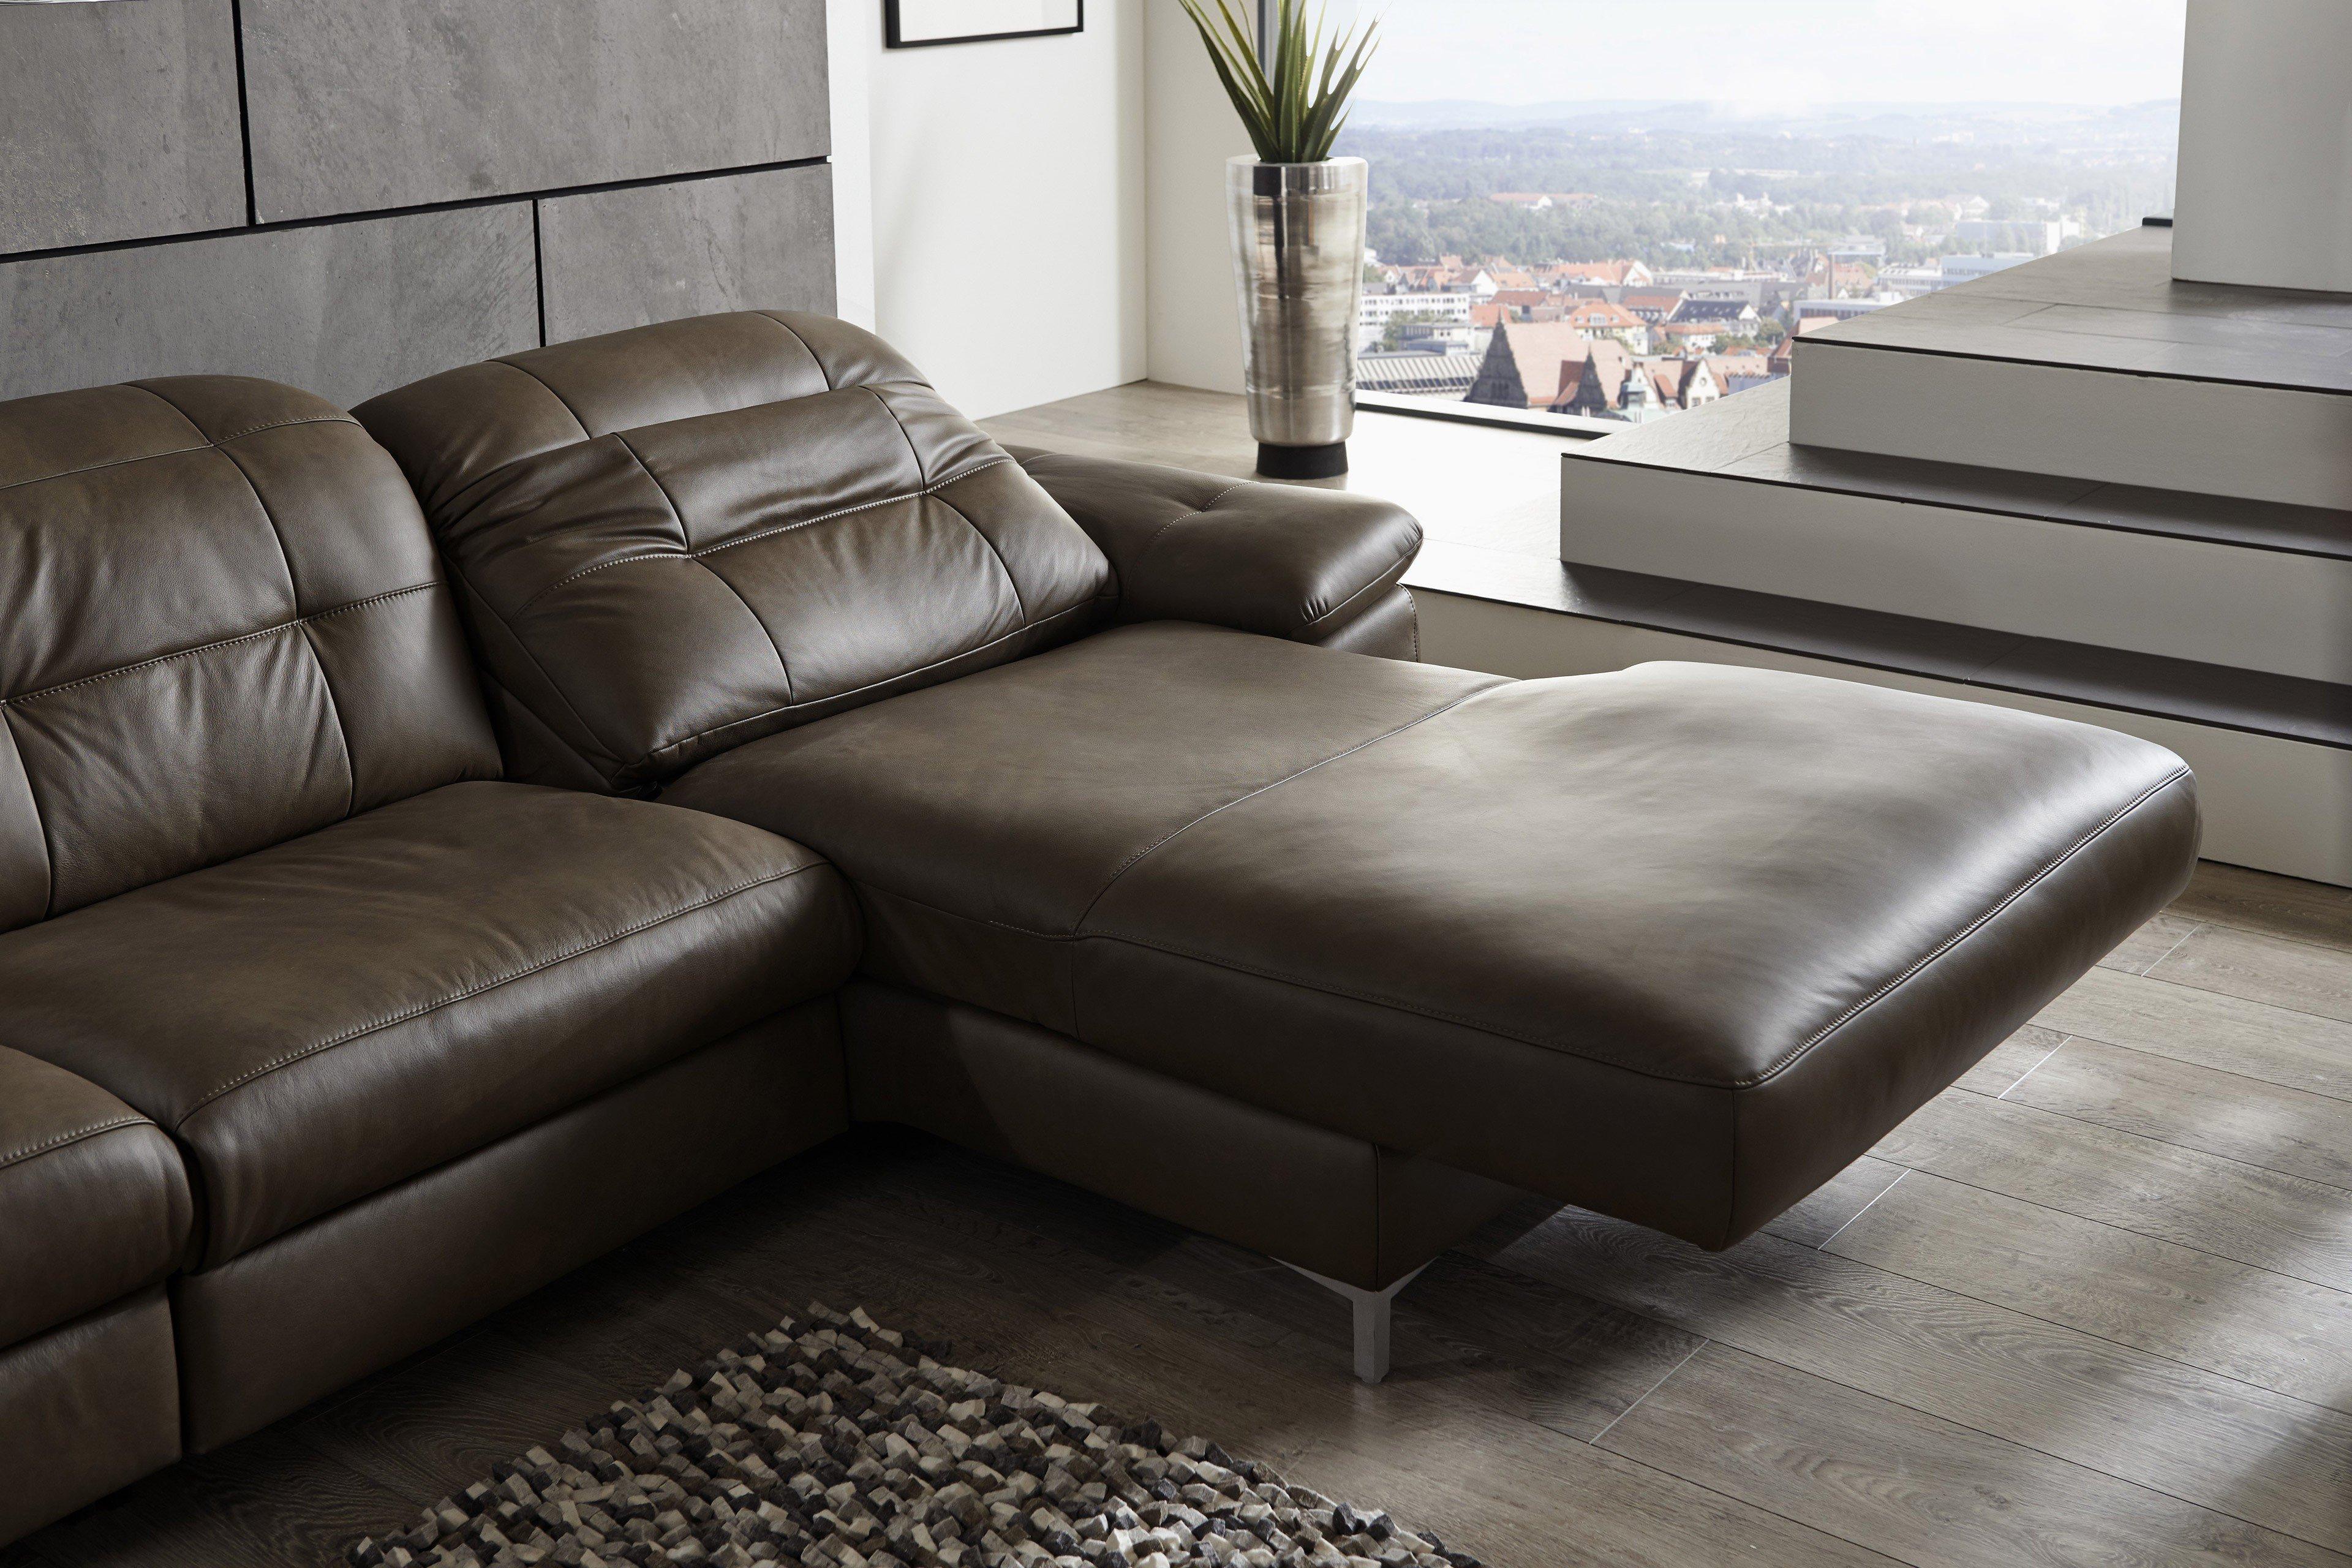 sofa polinova best frey wohnen cham rume wohnzimmer sofas couches indianal polinova gnstiger. Black Bedroom Furniture Sets. Home Design Ideas